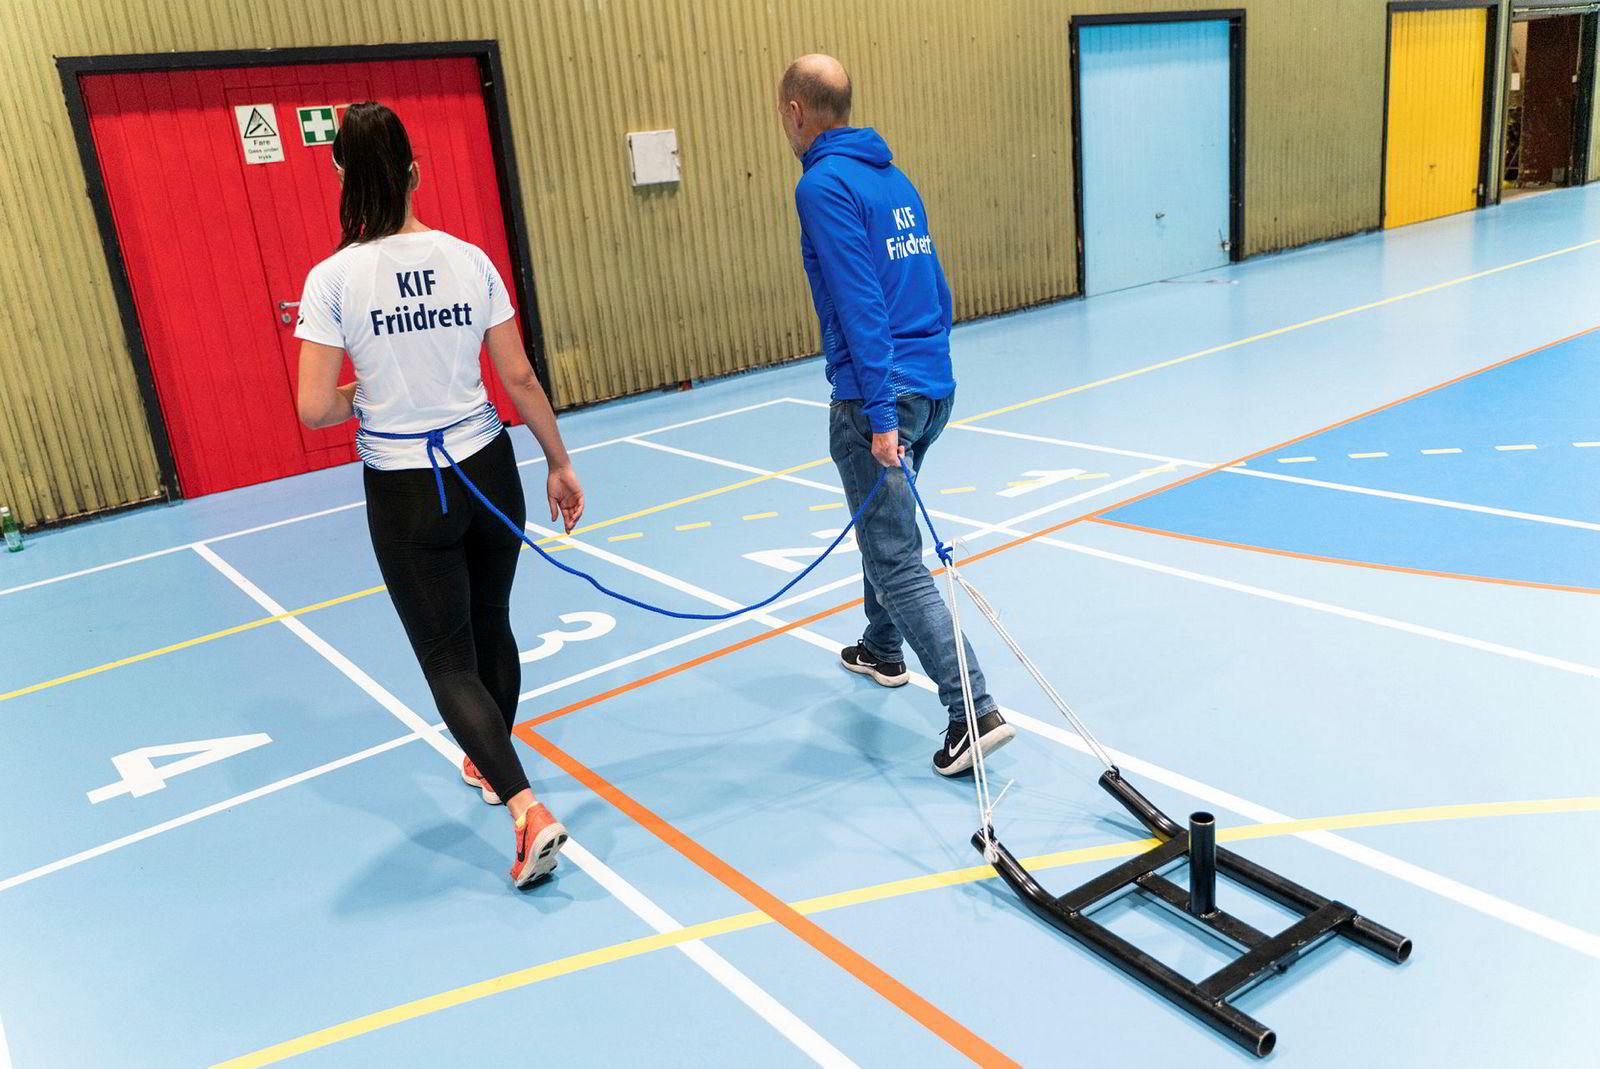 Å løpe med ekstra vekt er gøy, særlig når man etter flere løp kan ta den av å løpe uten, mener Emma Hagen Dihr. – Da får jeg nærmest en følelse av å fly! Trener Tore Breilid til høyre.